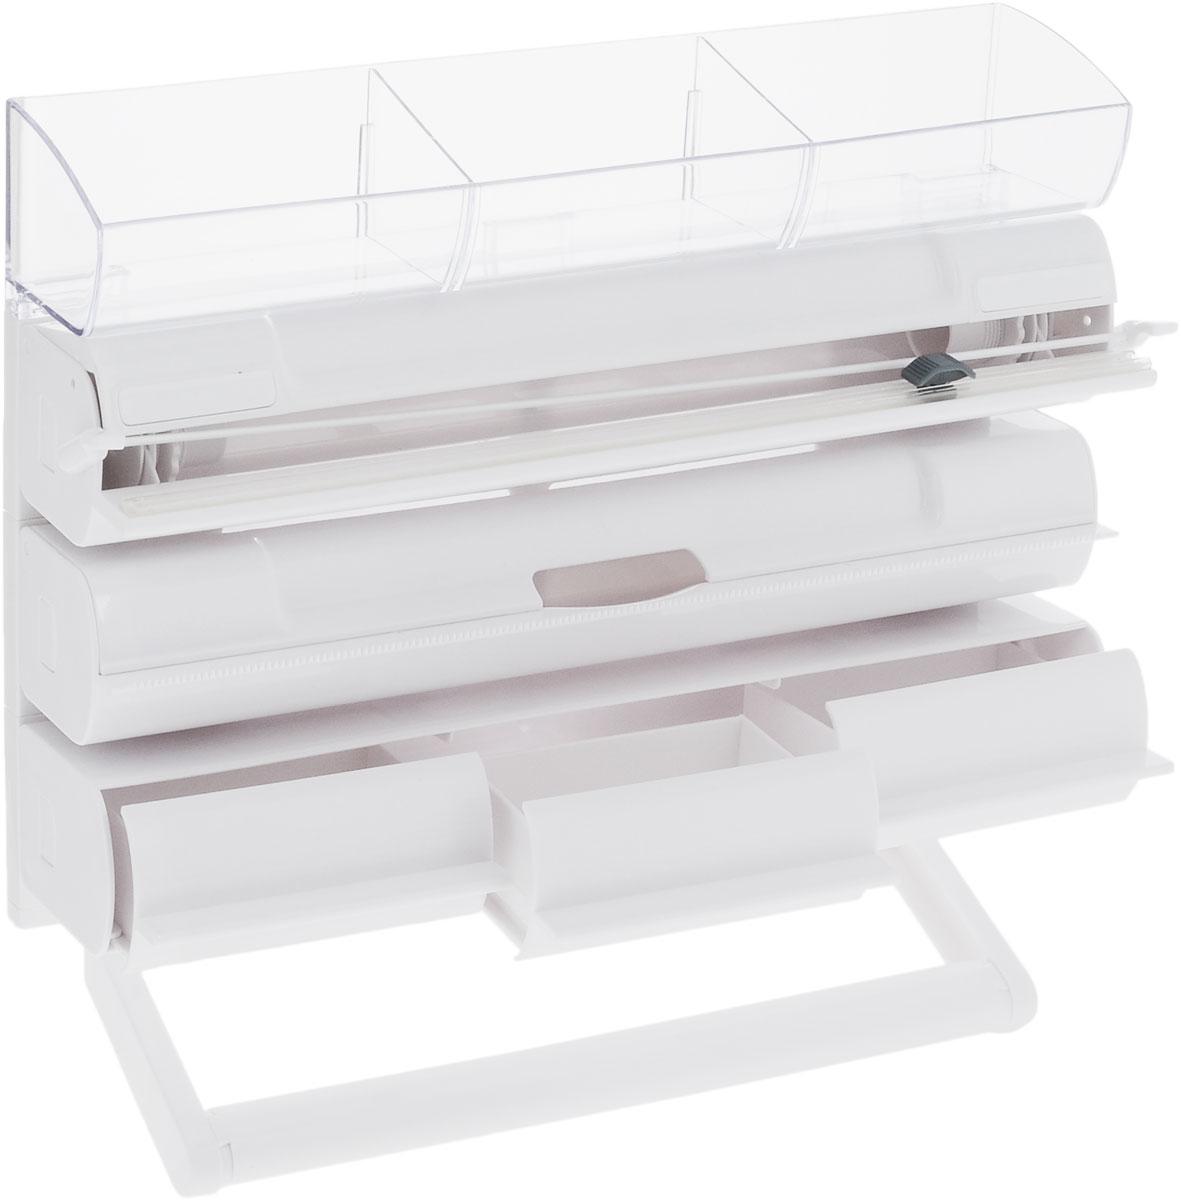 Органайзер кухонный Tescoma On Wall. 5 в 1, 30 х 38,5 х 8,5 см899724Органайзер кухонный Tescoma On Wall. 5 в 1 выполнен из высококачественного пластика. Применяется для хранения и использования пищевой пленки, алюминиевой фольги и бумажных полотенец. Размещается на стене. Имеет прозрачную полку с тремя выдвижными ящиками для хранения мелких кухонных принадлежностей. Диспенсеры для пищевой пленки / алюминиевой фольги можно извлечь из органайзера и использовать отдельно. Конец пленки не прилипает к диспенсеру. В комплекте прилагаются инструкции и крепежи. Общий размер органайзера: 30 х 38,5 х 8,5 см.